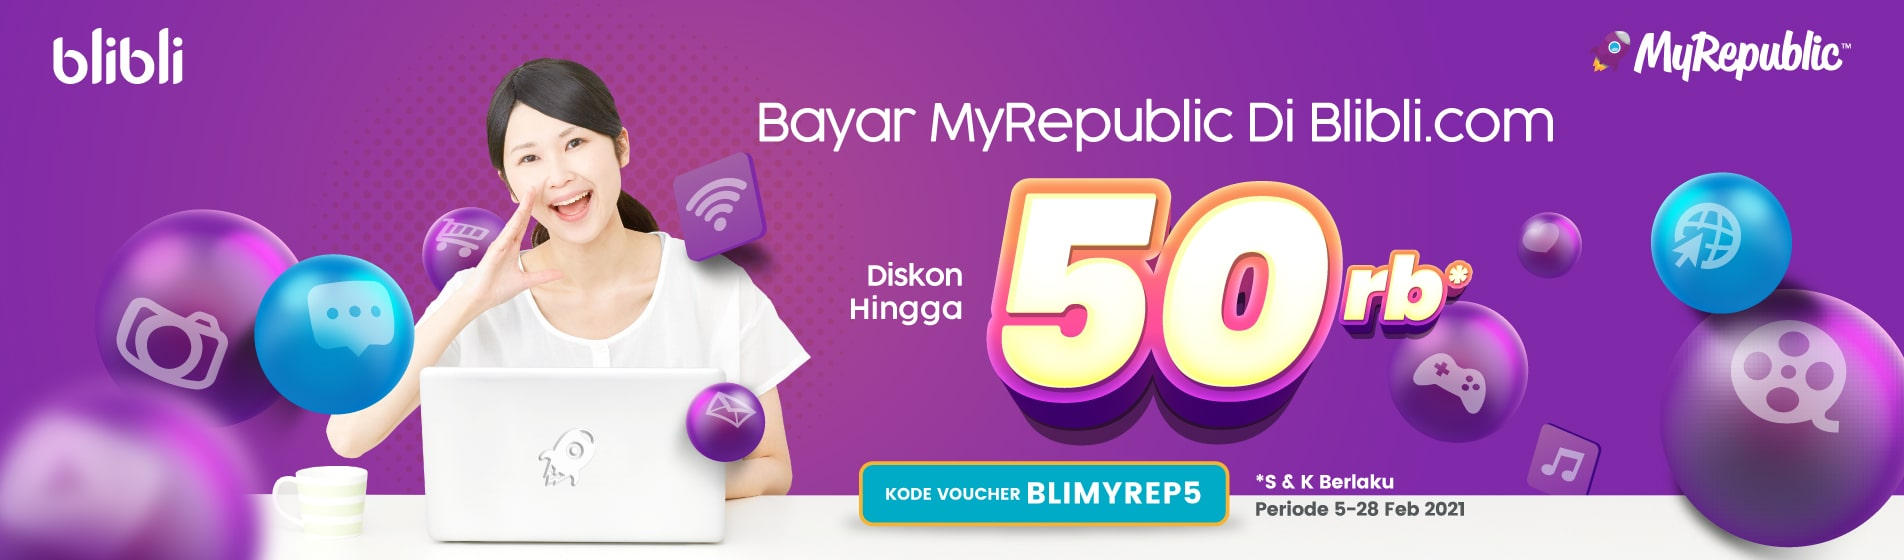 Promo Pembayaran MyRepublic melalui Blibli.com